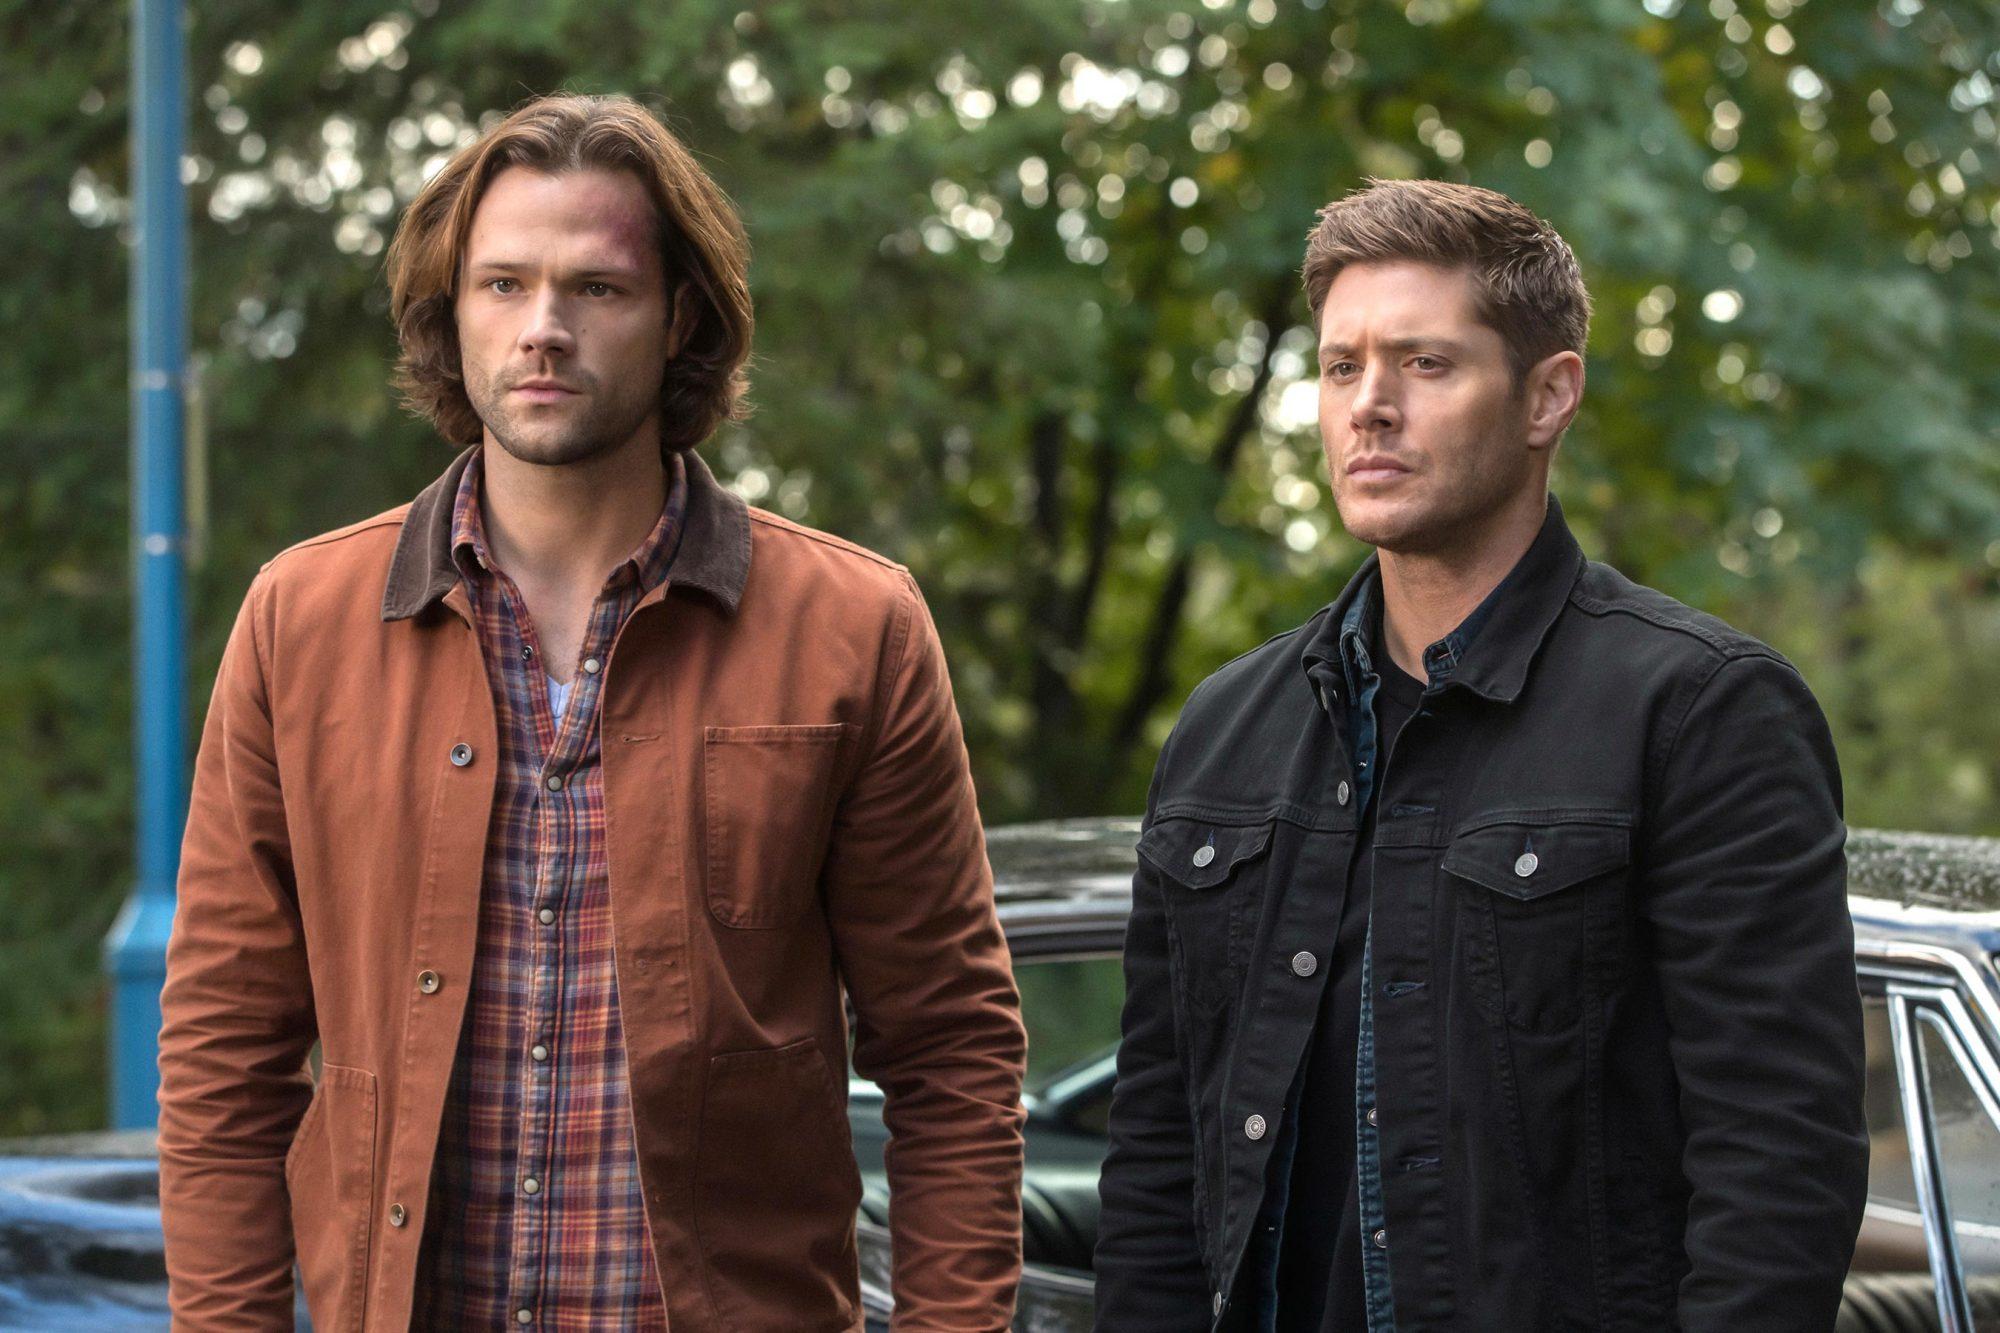 Sam e Dean estão enquadrados da cintura para cima no meio da imagem. Sam, cabelos castanhos e barba curta, está vestindo uma camisa xadrez e um casaco marrom por cima. Dean, cabelos castanhos, está vestindo uma camiseta preta e duas jaquetas por cima, uma azul e uma preta. Atrás deles de forma desfocada o cenário é composto por árvores e o carro impala preto e um poste azul ao lado esquerdo.